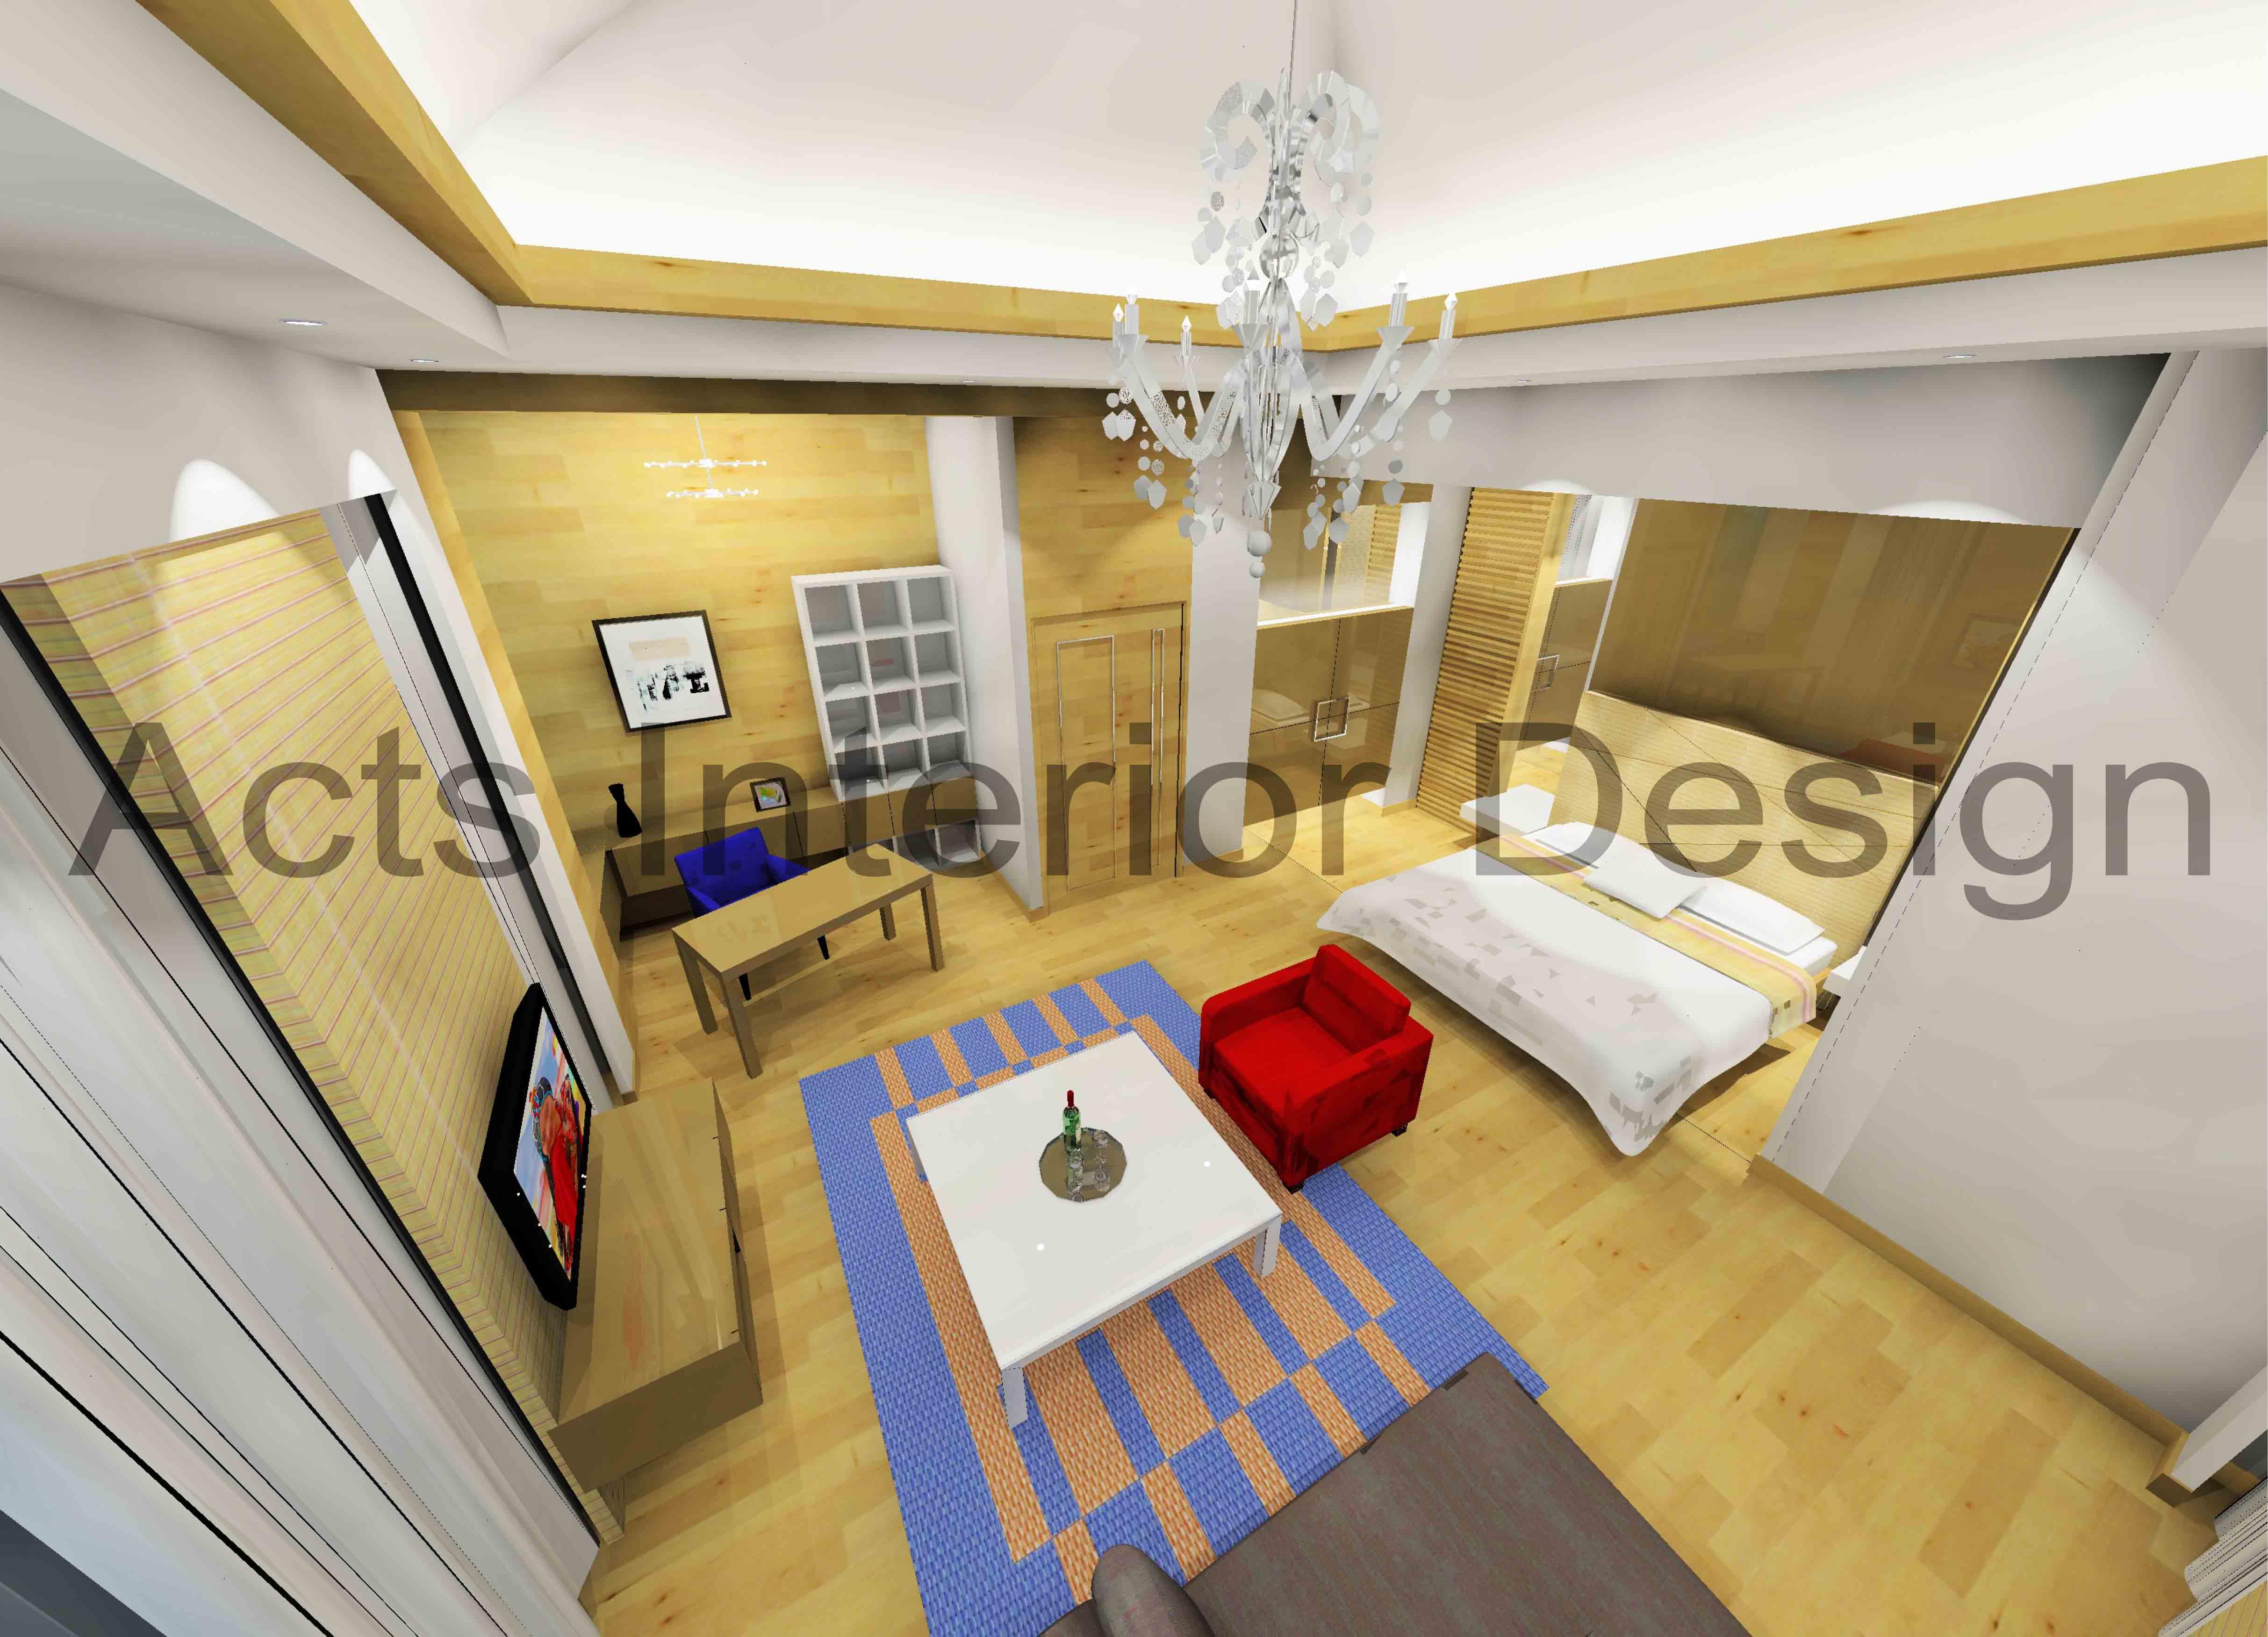 家居 起居室 设计 装修 4852_3502